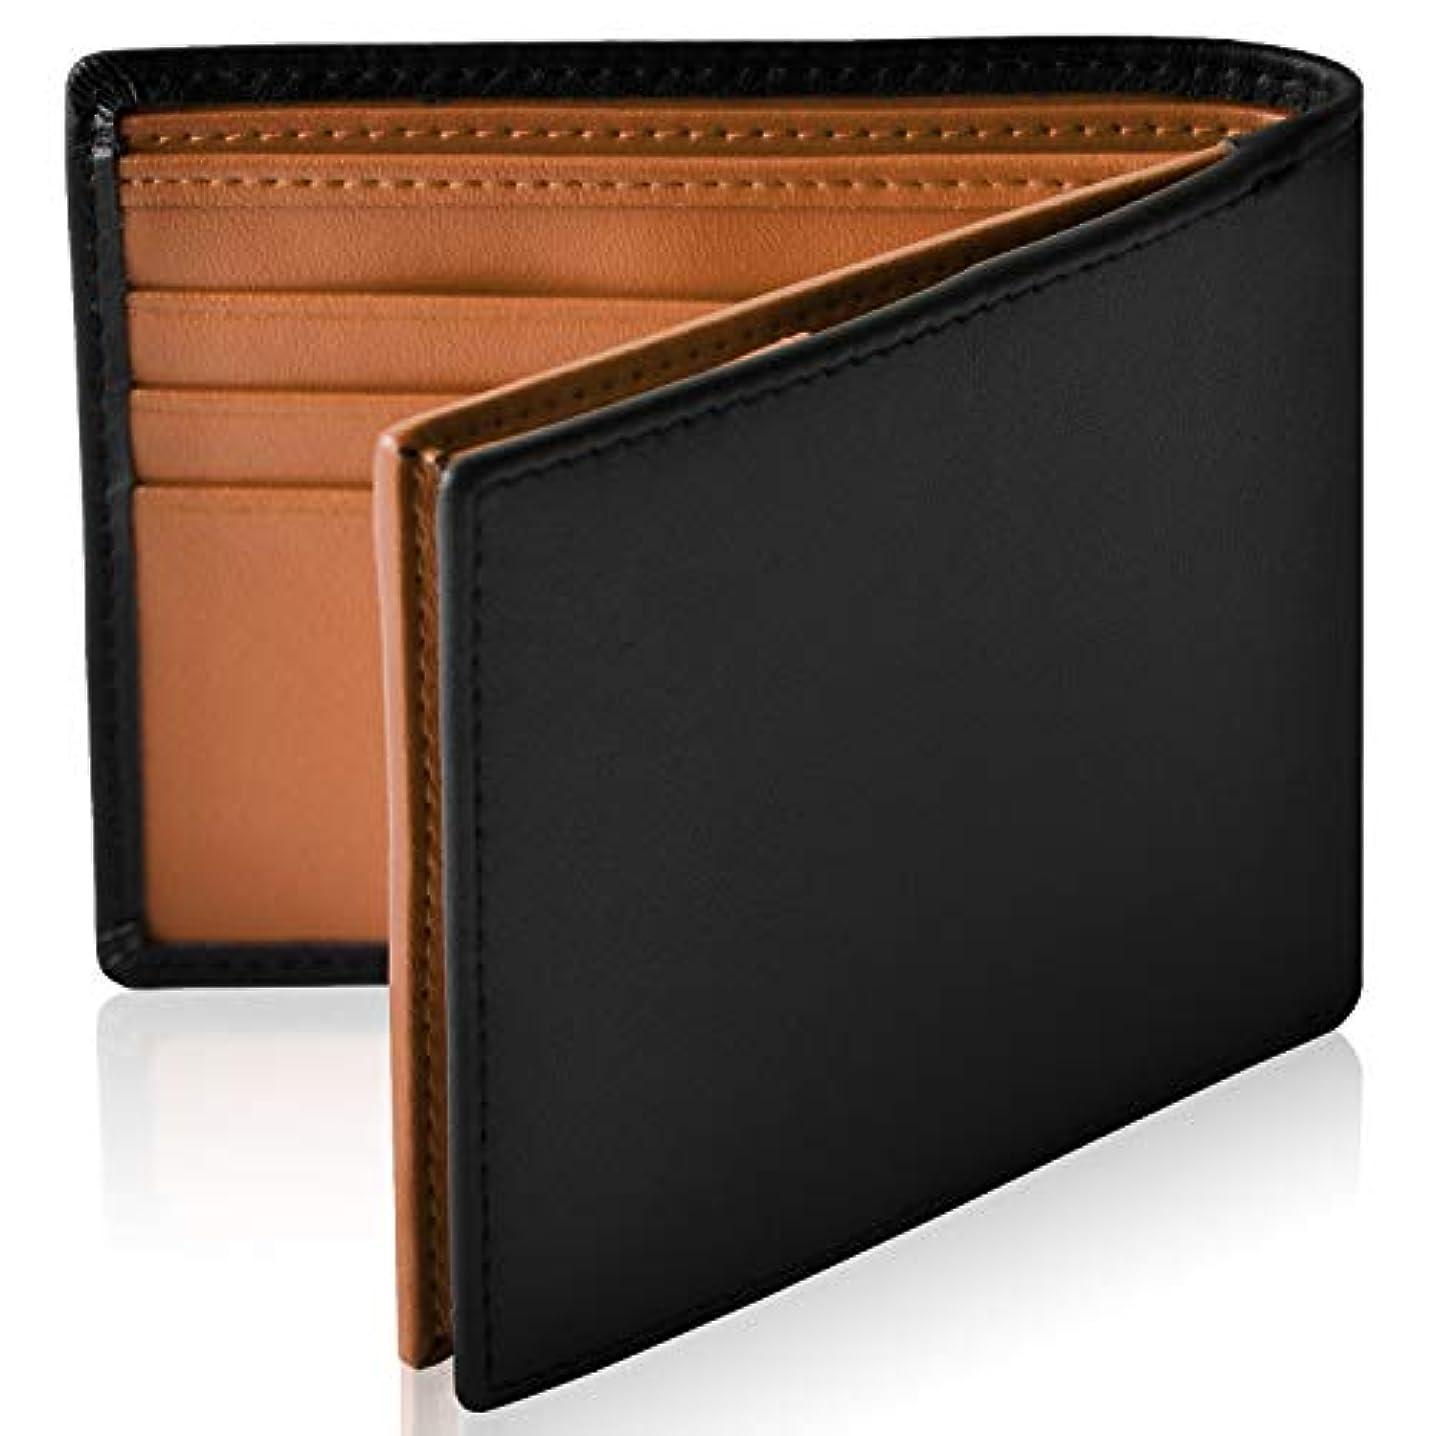 橋バッジジェームズダイソンLe sourire スリム 二つ折り 財布 本革 オールインワン 新設計のボックス型小銭入れ 二つ折り財布 メンズ